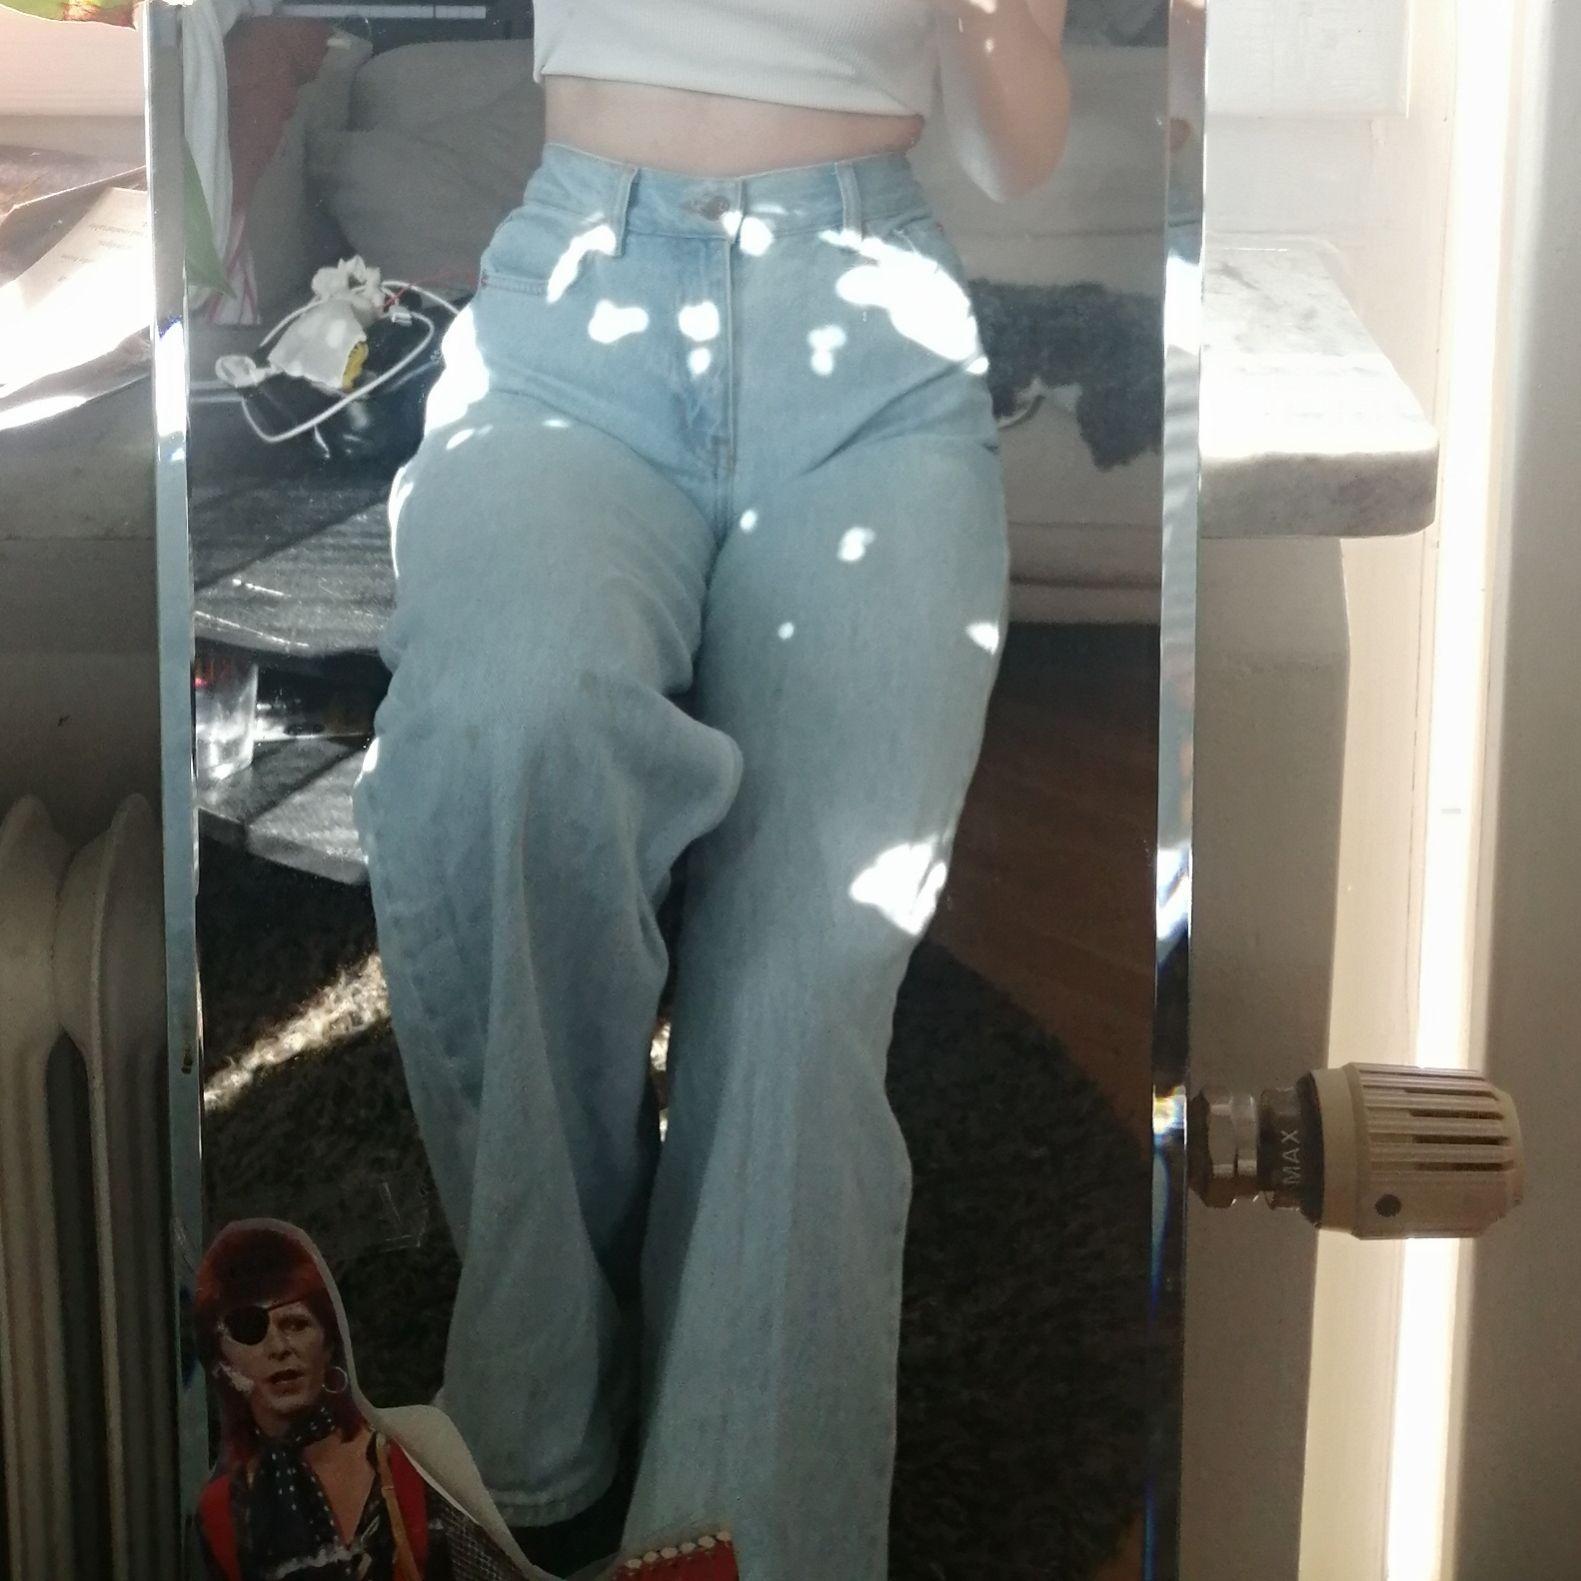 Säljer mina junkyard wide leg jeans pga ingen användning längre. Superfin ljusblå färg och snygg passform. Jeans & Byxor.